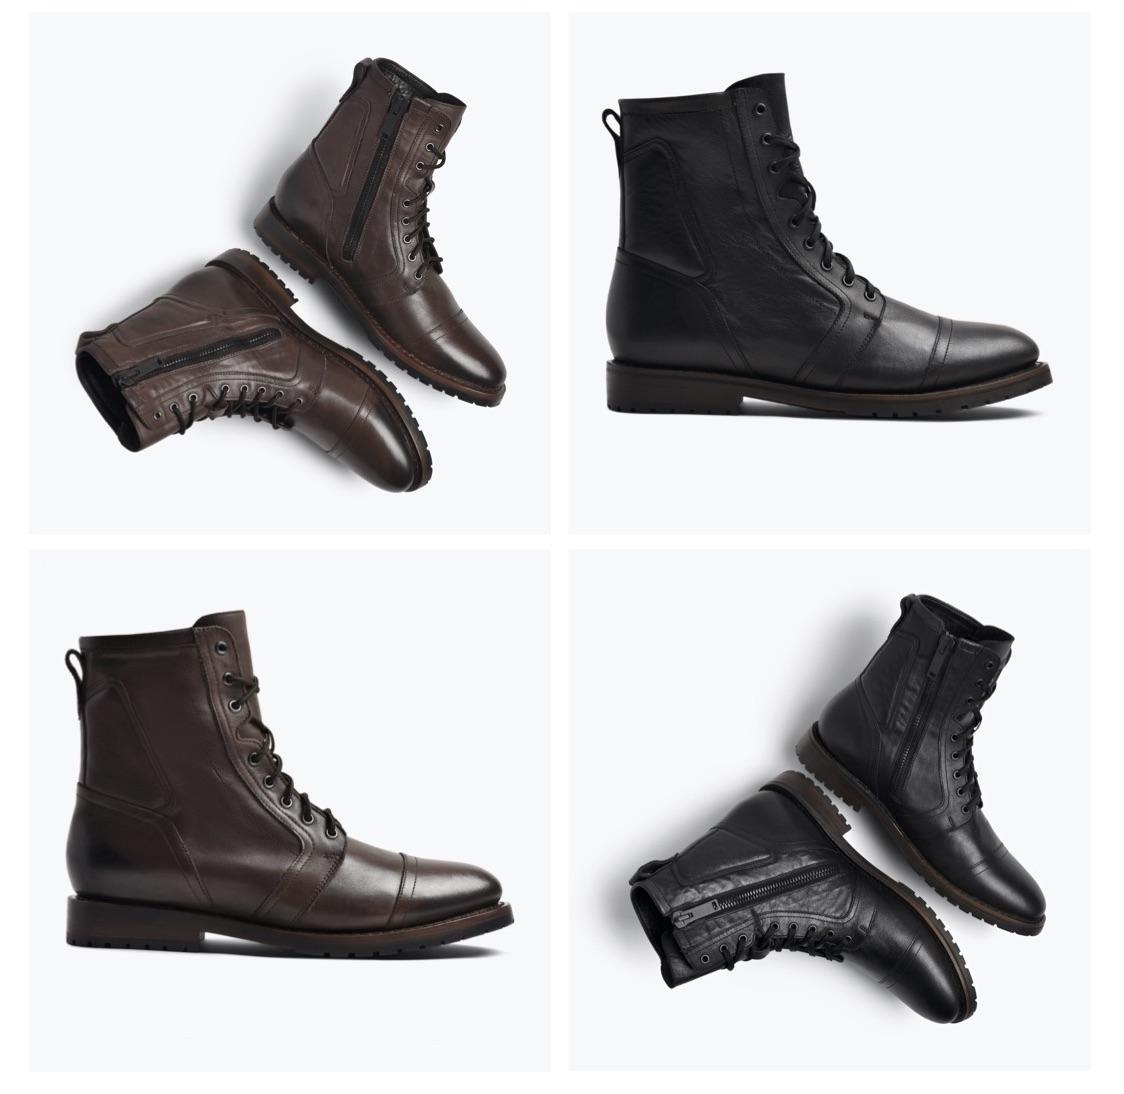 thursday boot company casa moto boots